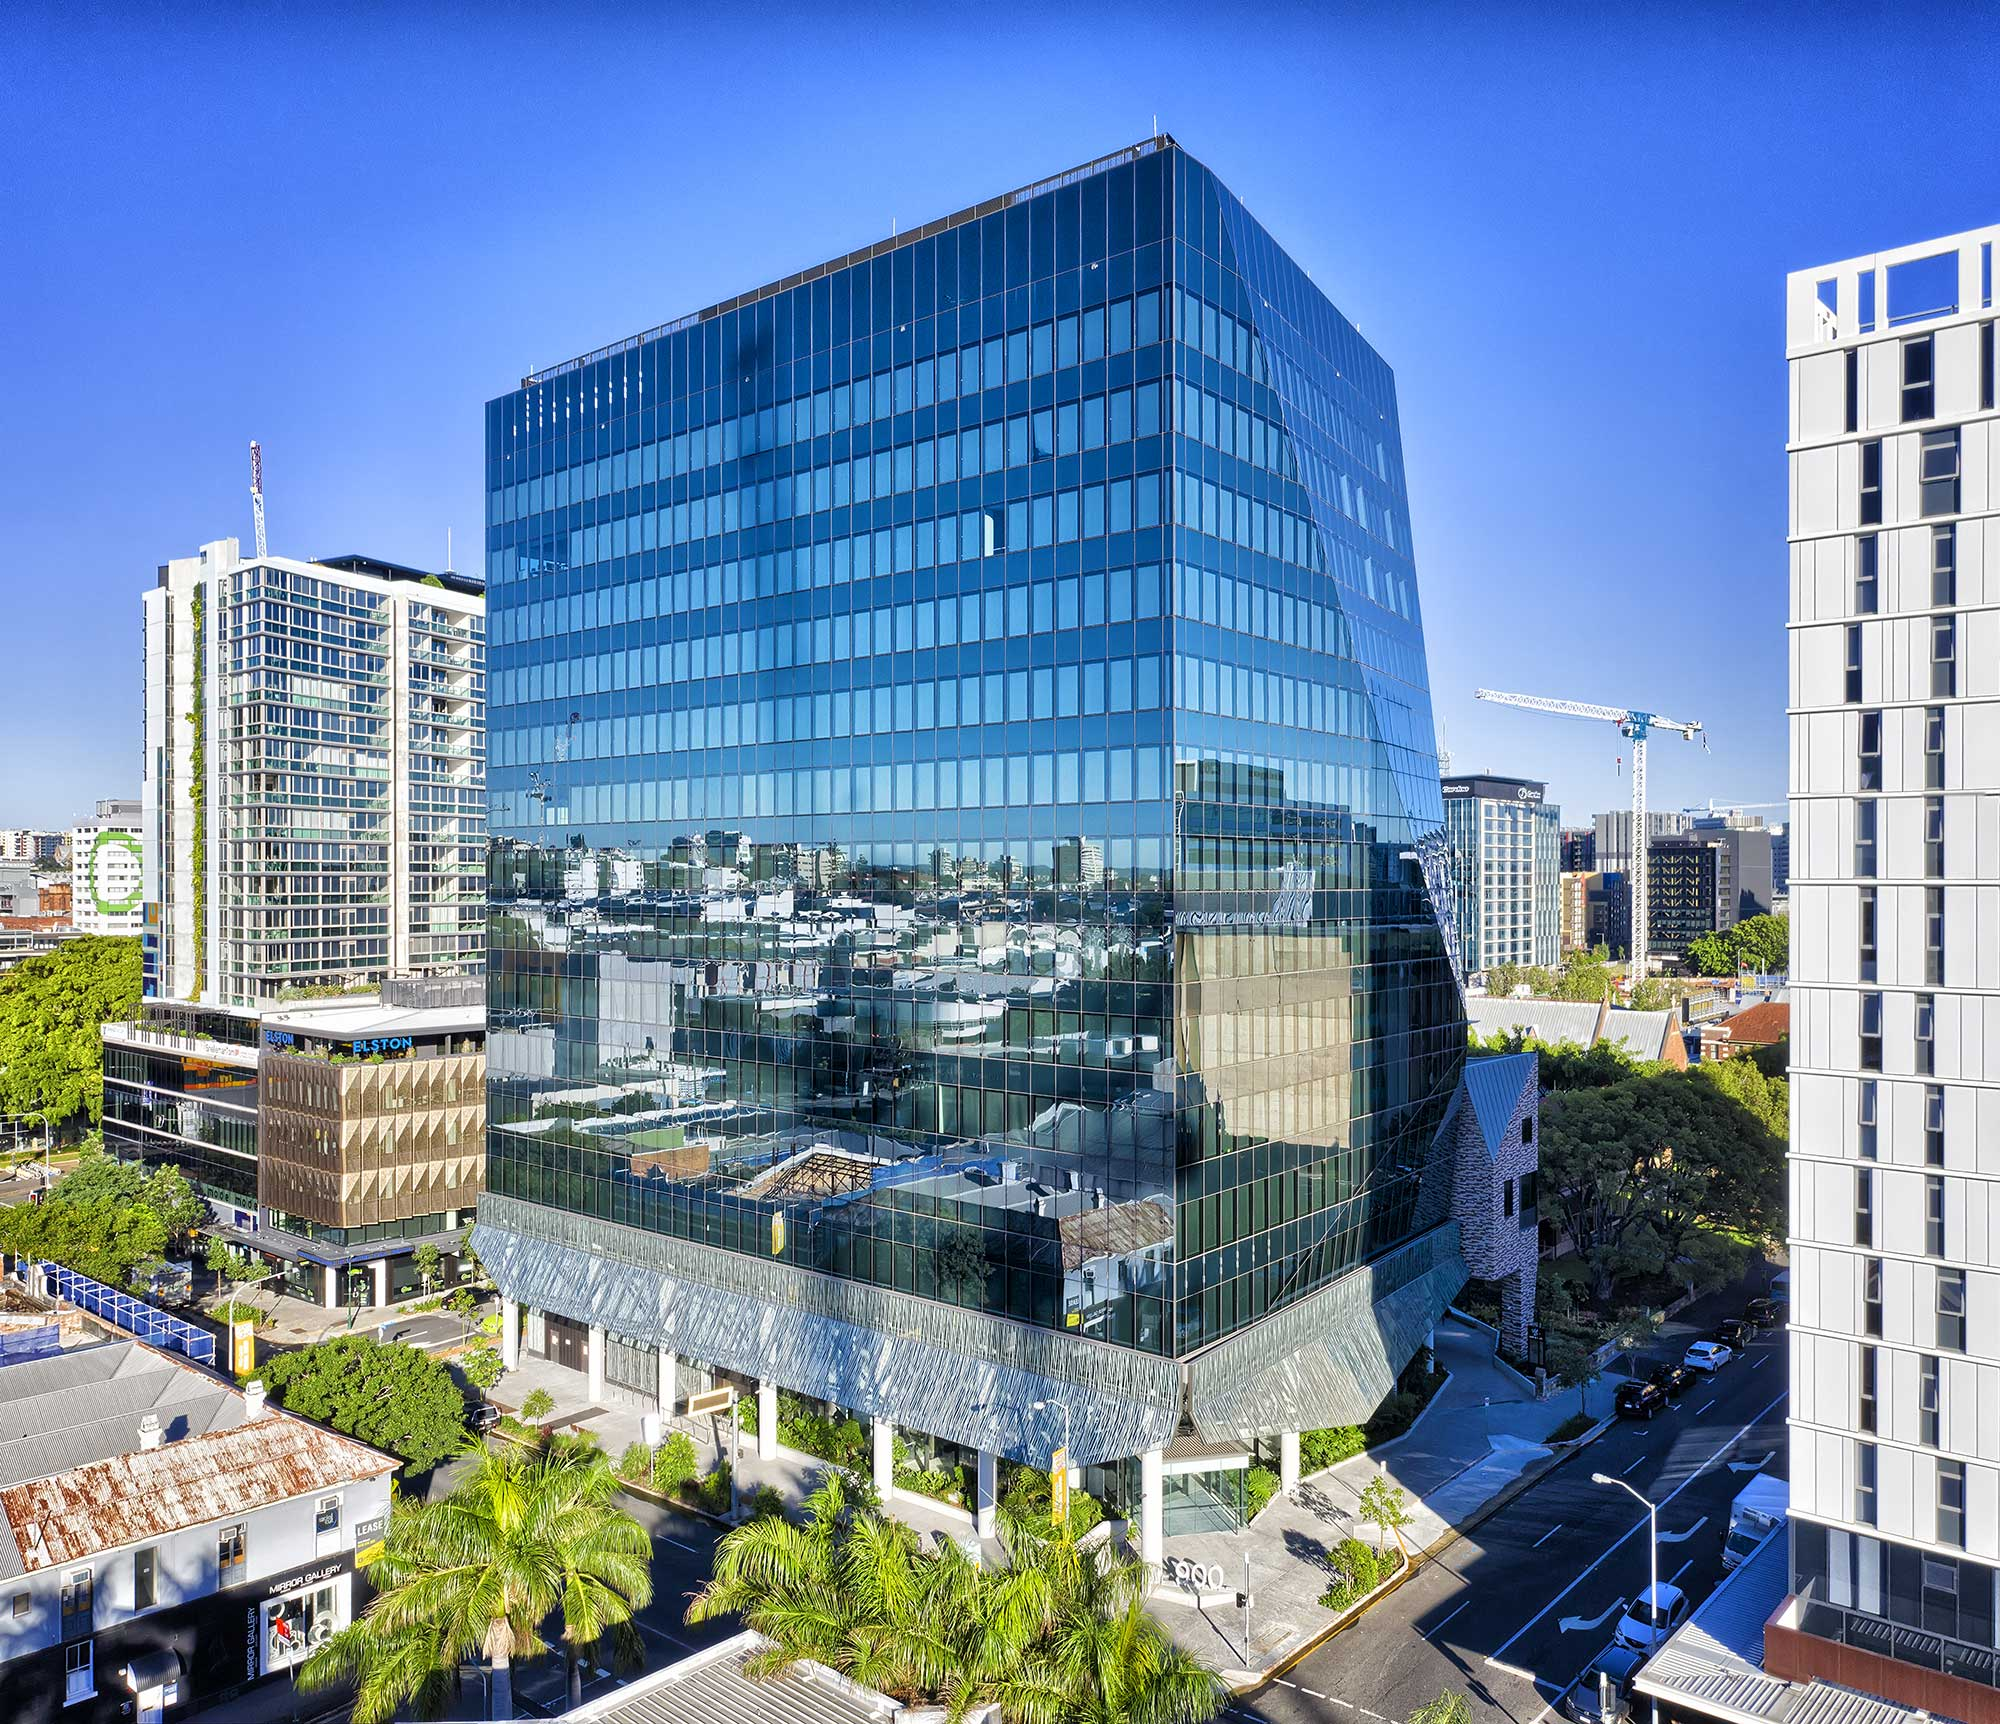 Drone Photography Brisbane - Commercial building Ann St Brisbane